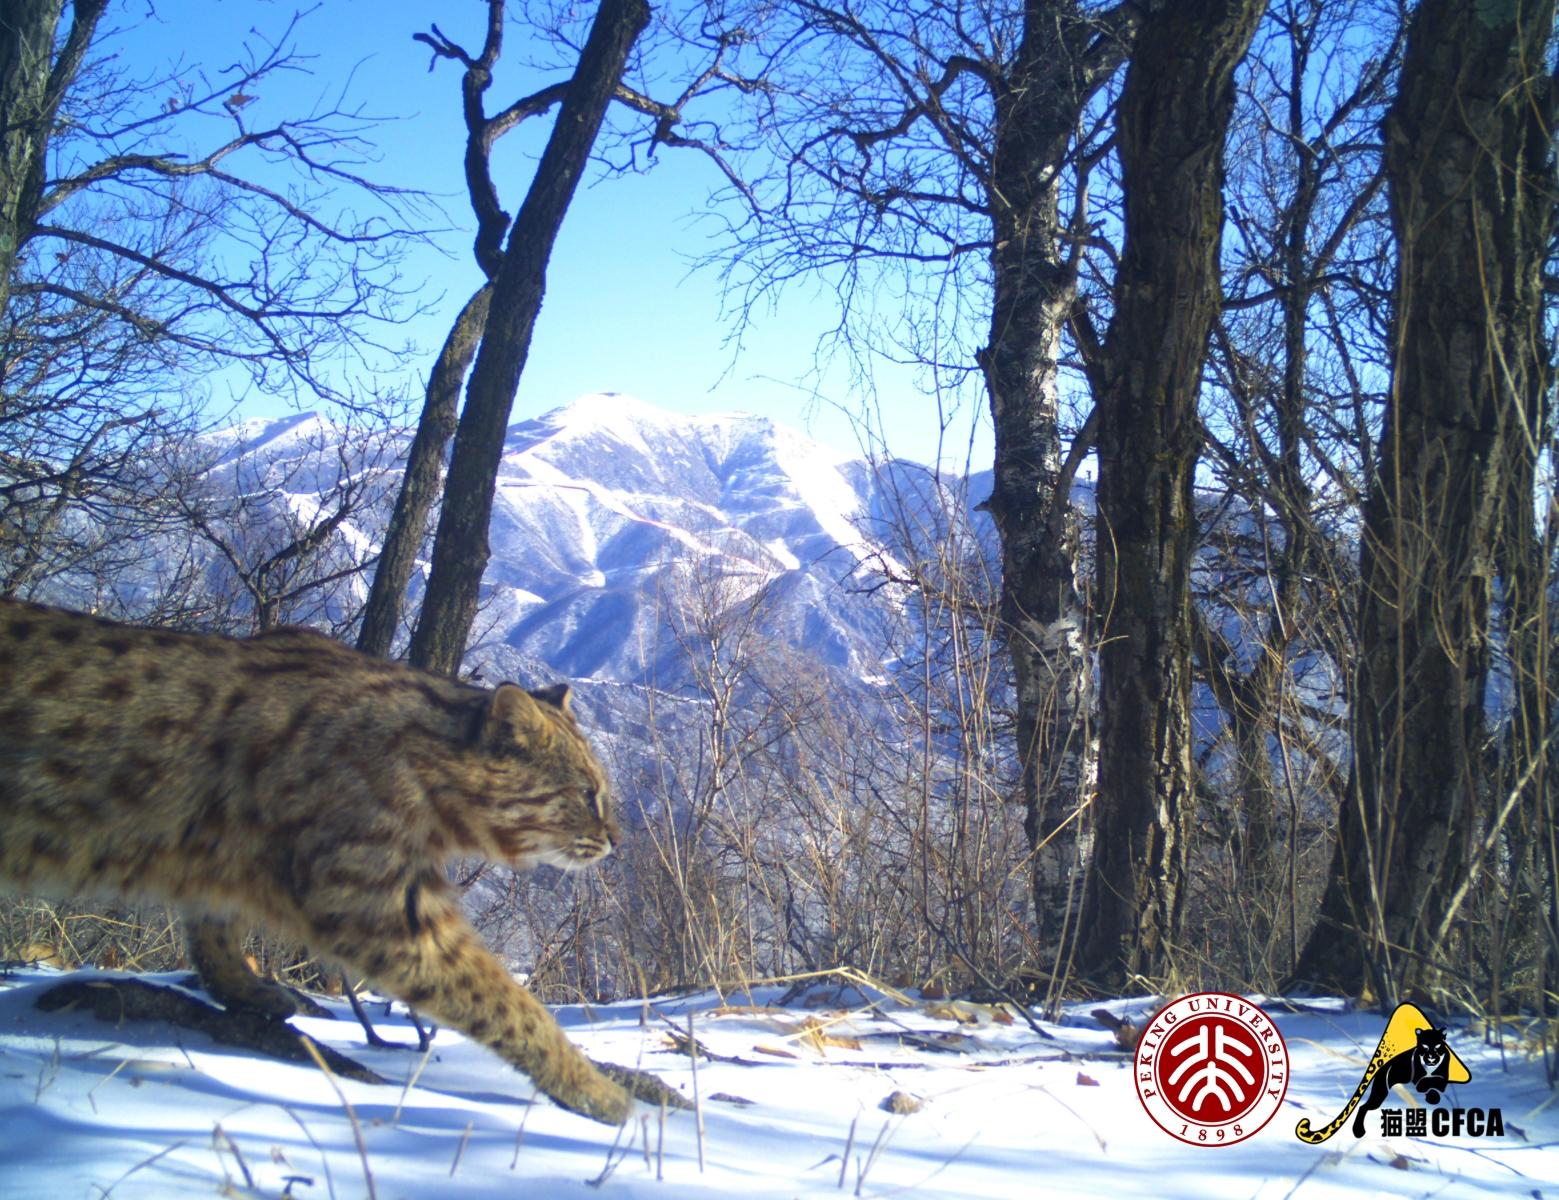 leopard-cat-luo-shujin-winter-olympics